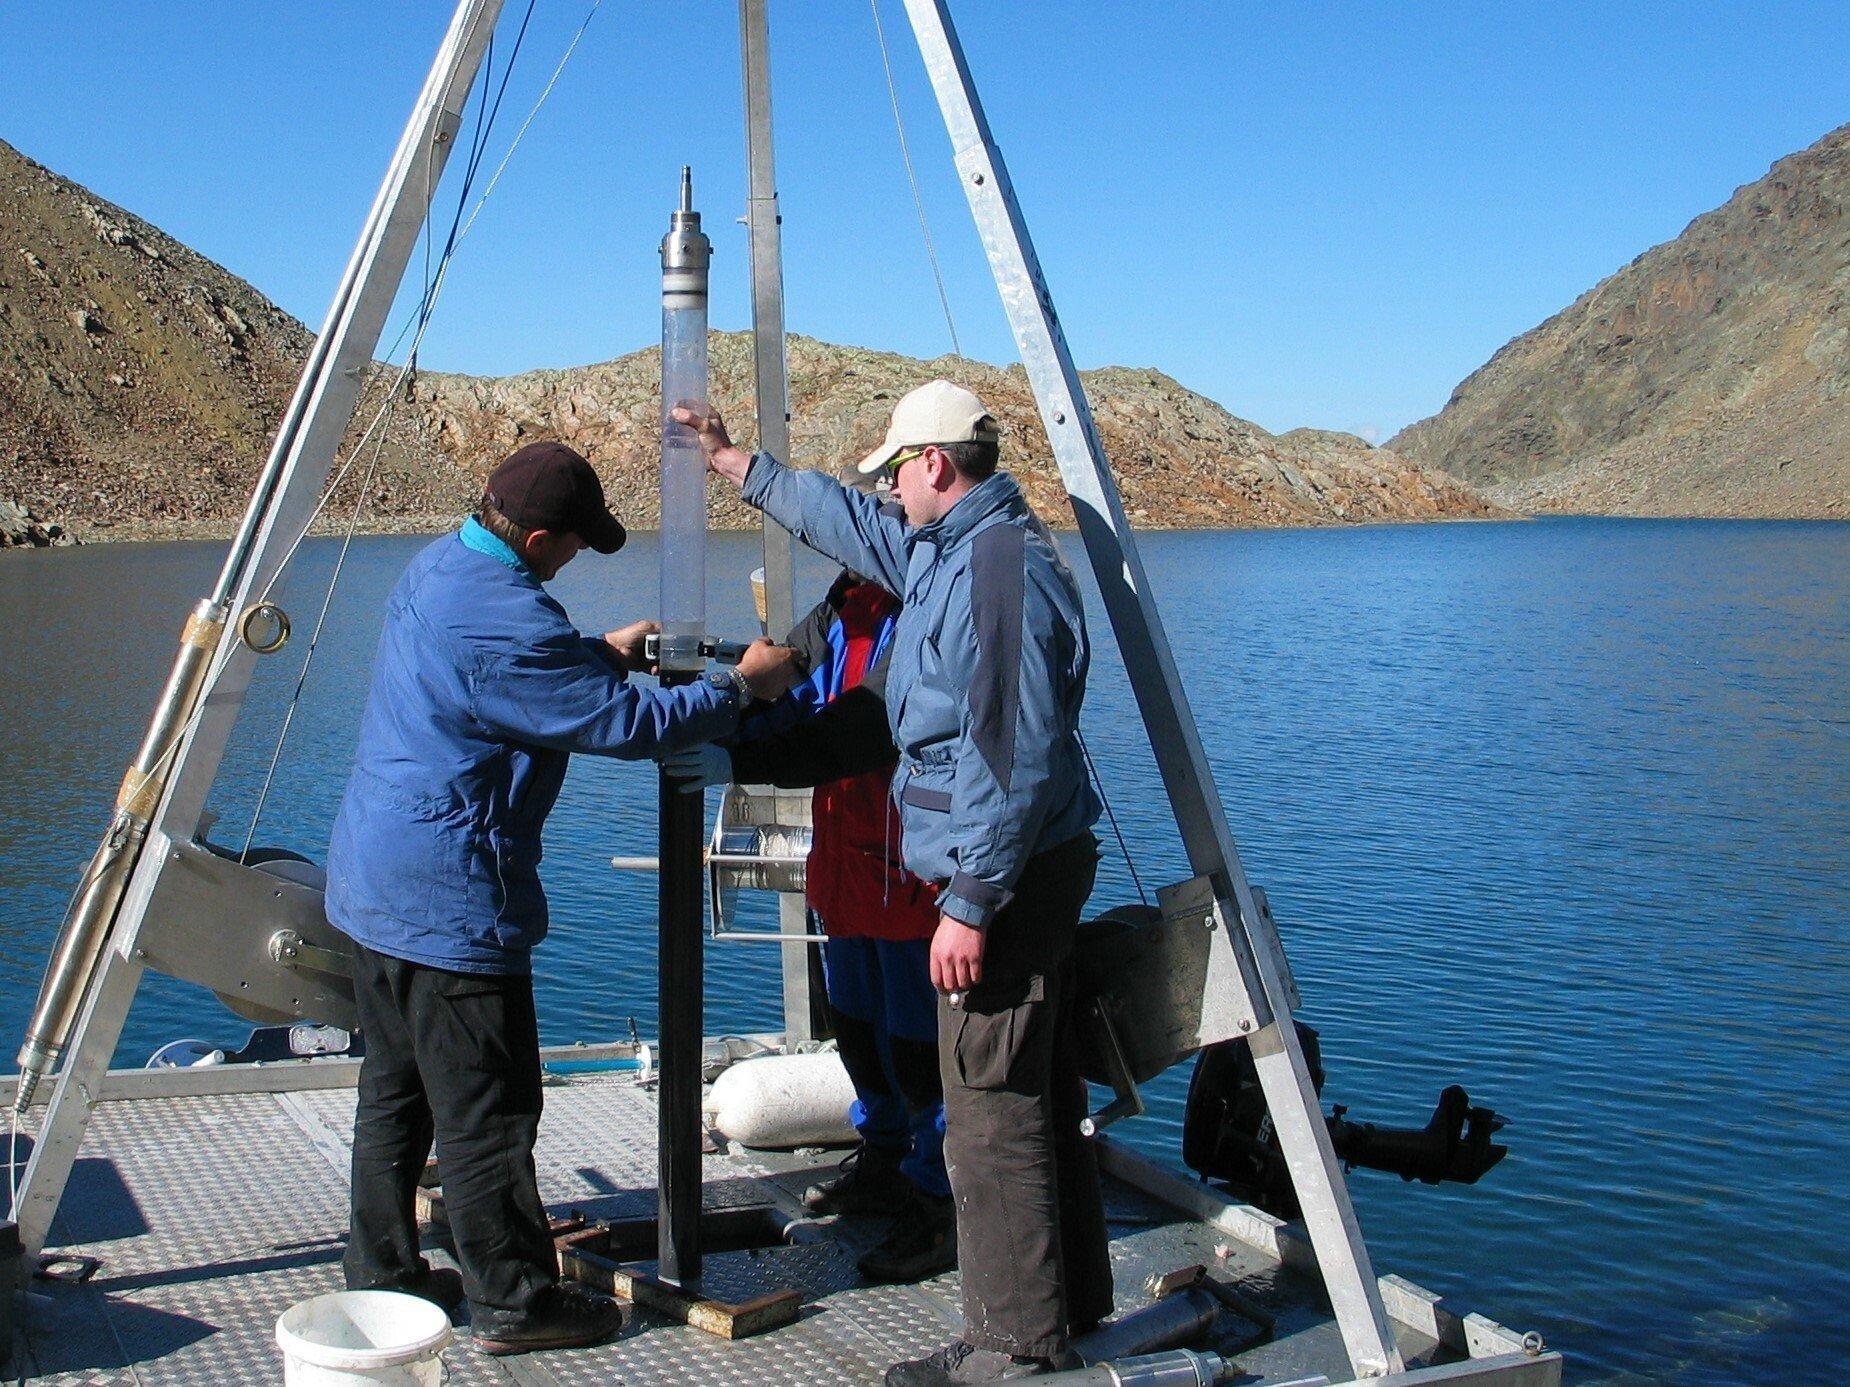 Unter einem Alugestänge hantieren drei Forscher auf einer schwimmenden Plattform mit einem übermannshohen Probenrohr.